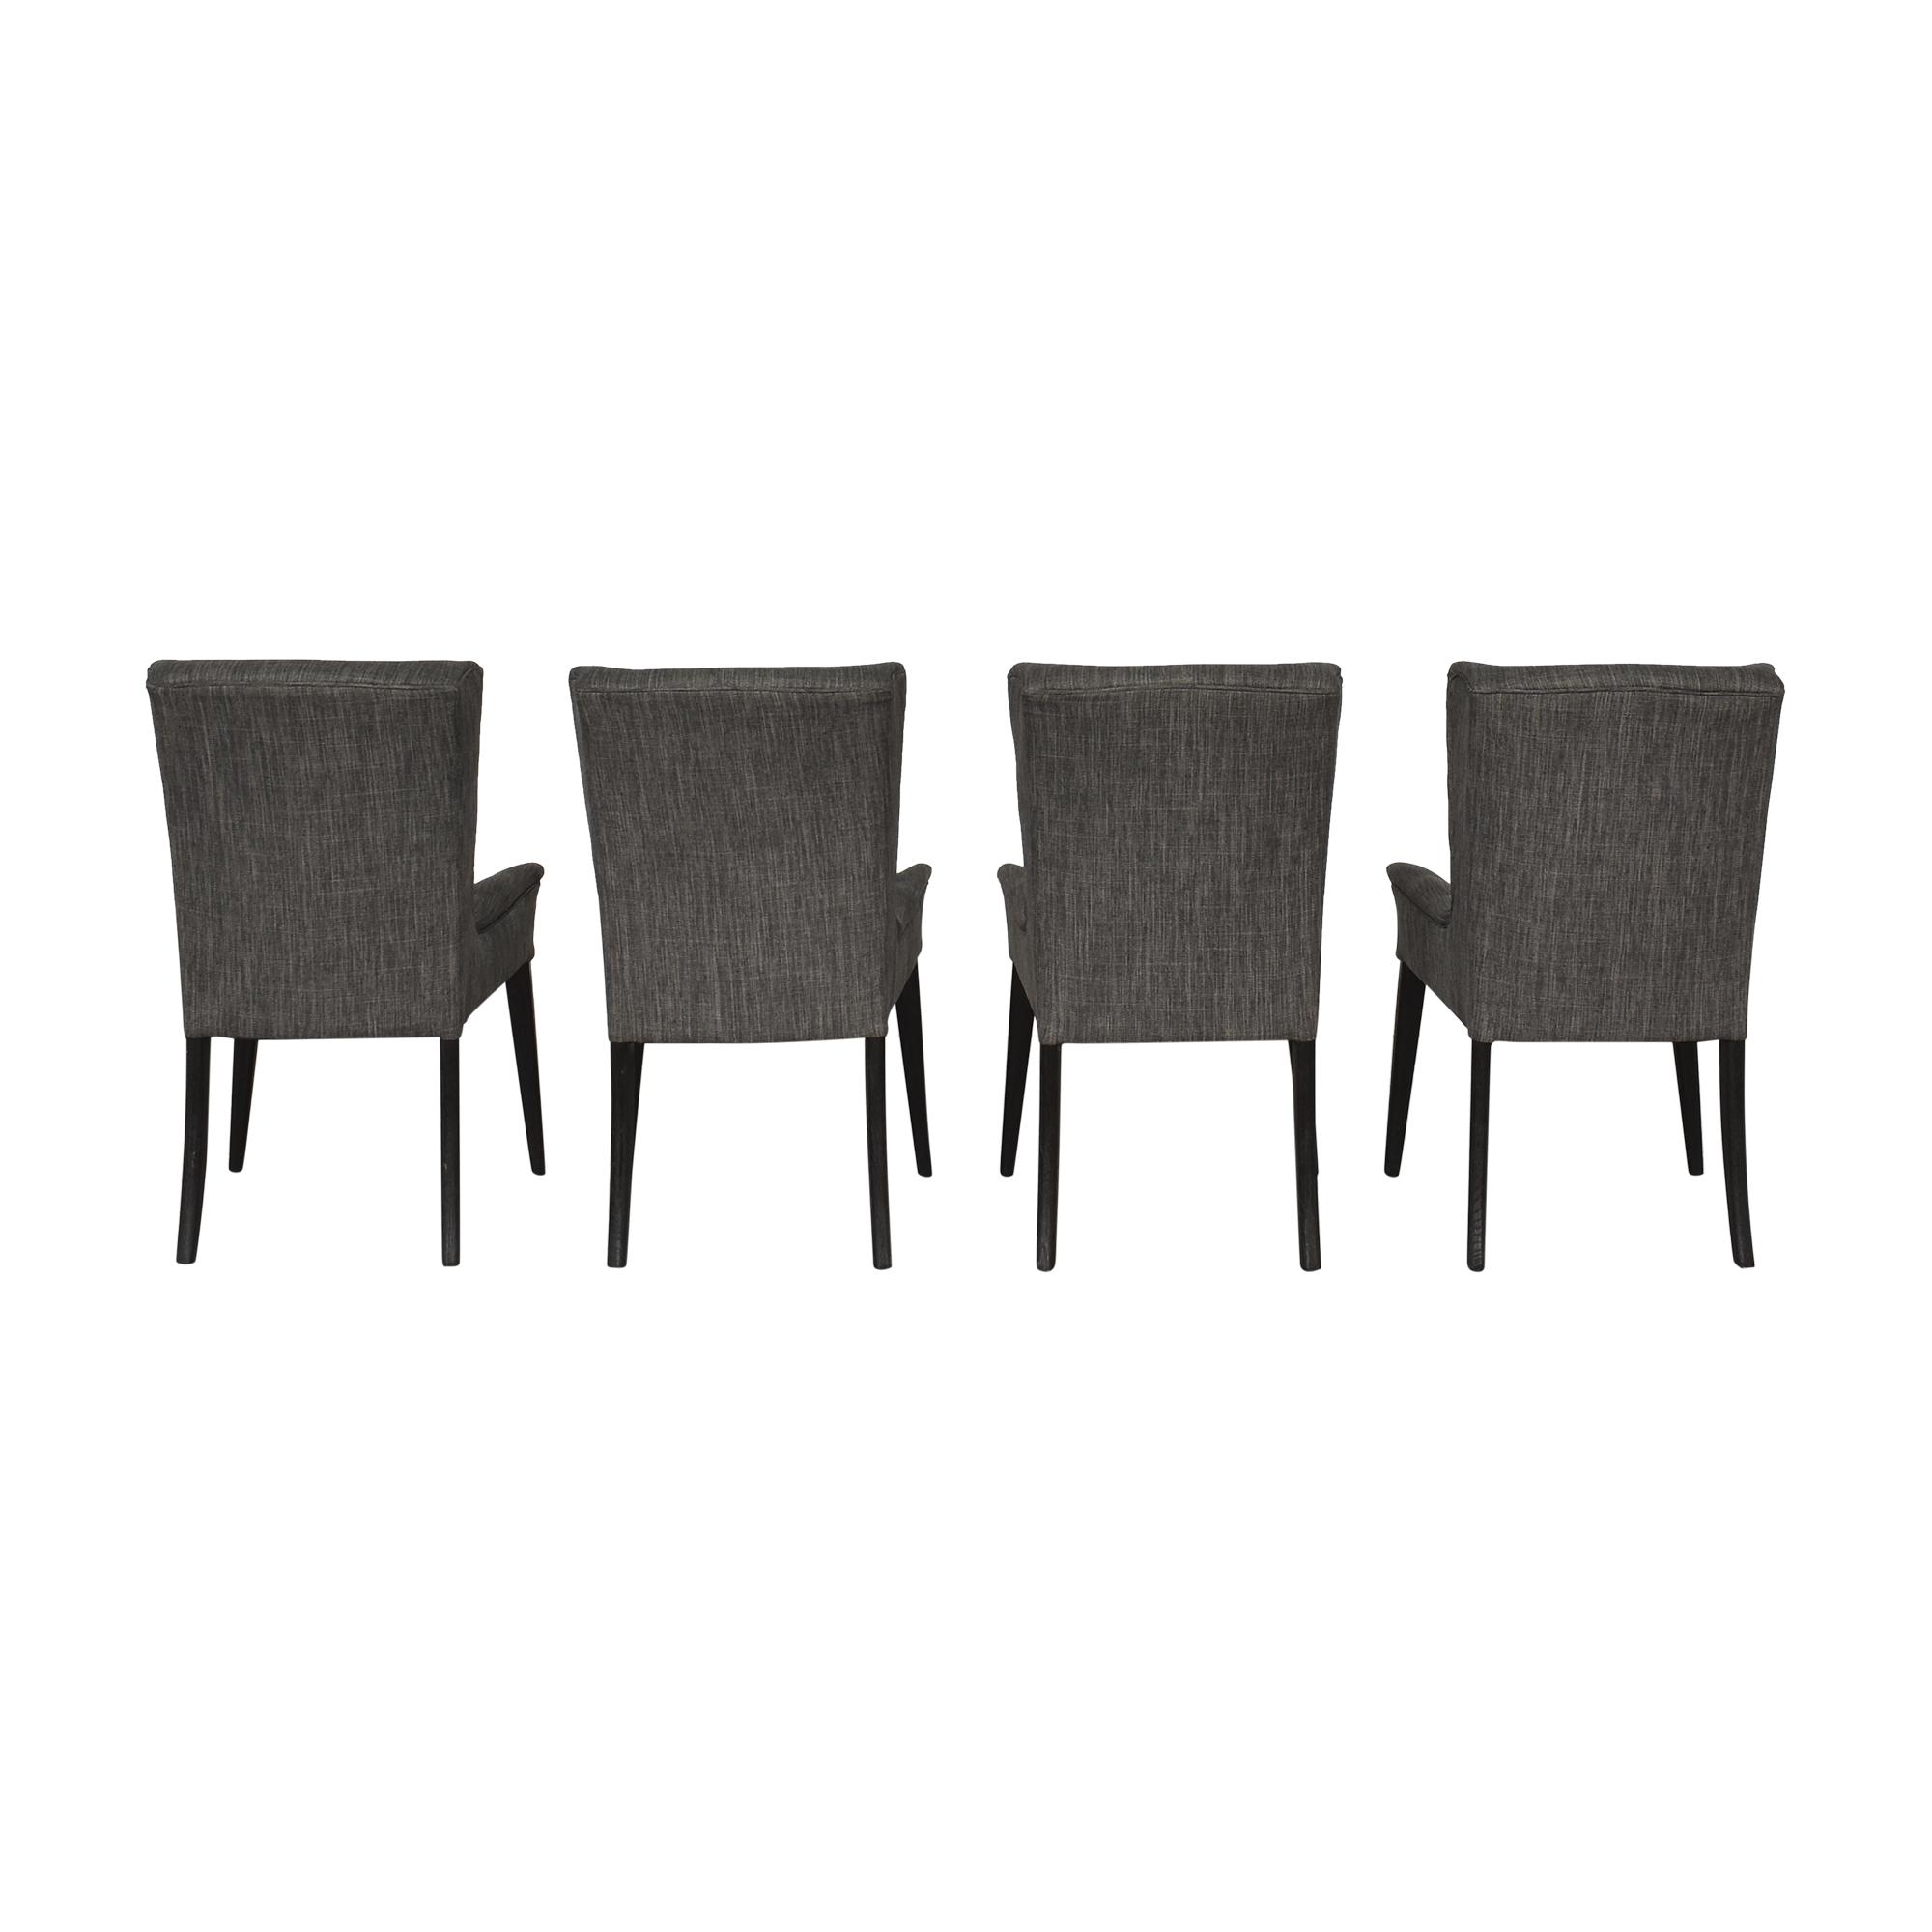 Arhaus Arhaus Grammercy Dining Side Chairs dimensions